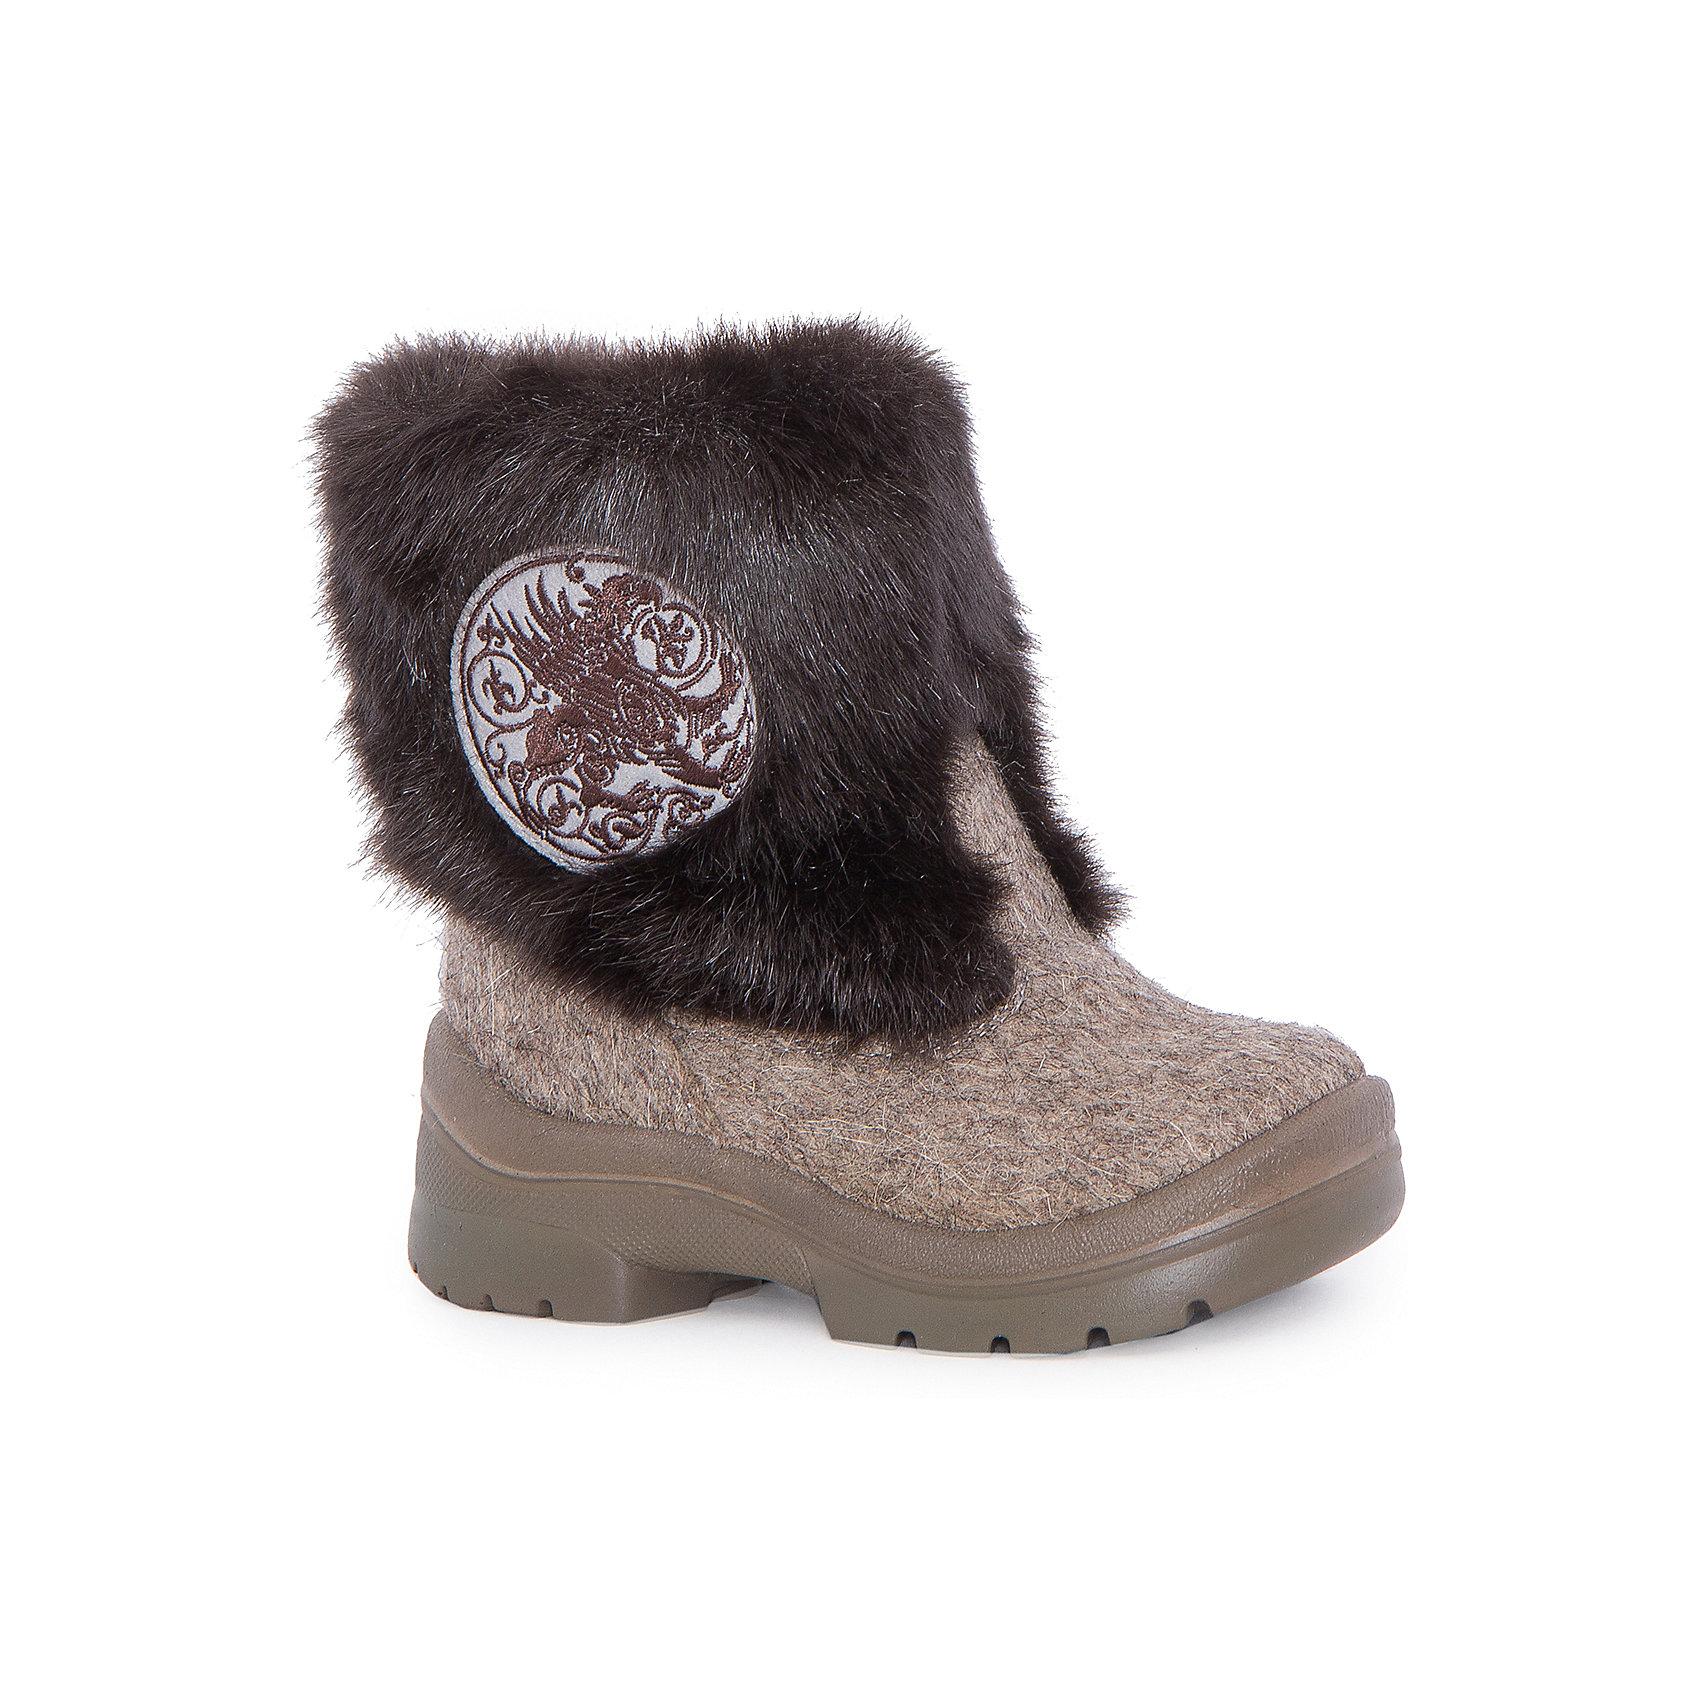 Валенки Грифон для мальчика ФилипокВаленки<br>Характеристики товара:<br><br>• цвет: серый<br>• температурный режим: от -5° С до -30° С<br>• внешний материал: эко-войлок (натуральная шерсть)<br>• подкладка: натуральная овечья шерсть<br>• стелька: шерстяной войлок (3,5 мм)<br>• подошва: литая, полиуретан<br>• декорированы искусственным мехом<br>• подошва с анти скользящей с системой протектора anti slip<br>• защита носка - натуральная кожа с износостойкой пропиткой<br>• усиленная пятка<br>• толстая устойчивая подошва<br>• страна бренда: РФ<br>• страна изготовитель: РФ<br><br>Очень теплые и удобные валенки для ребенка от известного бренда детской обуви Филипок созданы специально для русской зимы. Качественные материалы с пропиткой против попадания воды внутрь и модный дизайн понравятся и малышам и их родителям. Подошва и стелька обеспечат ребенку комфорт, сухость и тепло, позволяя в полной мере наслаждаться зимним отдыхом. Усиленная защита пятки и носка обеспечивает дополнительную безопасность детских ног в этих сапожках.<br>Эта красивая и удобная обувь прослужит долго благодаря отличному качеству. Производитель анти скользящее покрытие и амортизирующие свойства подошвы! Модель производится из качественных и проверенных материалов, которые безопасны для детей.<br><br>Валенки для мальчика от бренда Филипок можно купить в нашем интернет-магазине.<br><br>Ширина мм: 257<br>Глубина мм: 180<br>Высота мм: 130<br>Вес г: 420<br>Цвет: серый<br>Возраст от месяцев: 15<br>Возраст до месяцев: 18<br>Пол: Мужской<br>Возраст: Детский<br>Размер: 22,28,30,29,27,26,25,24,23<br>SKU: 4207348